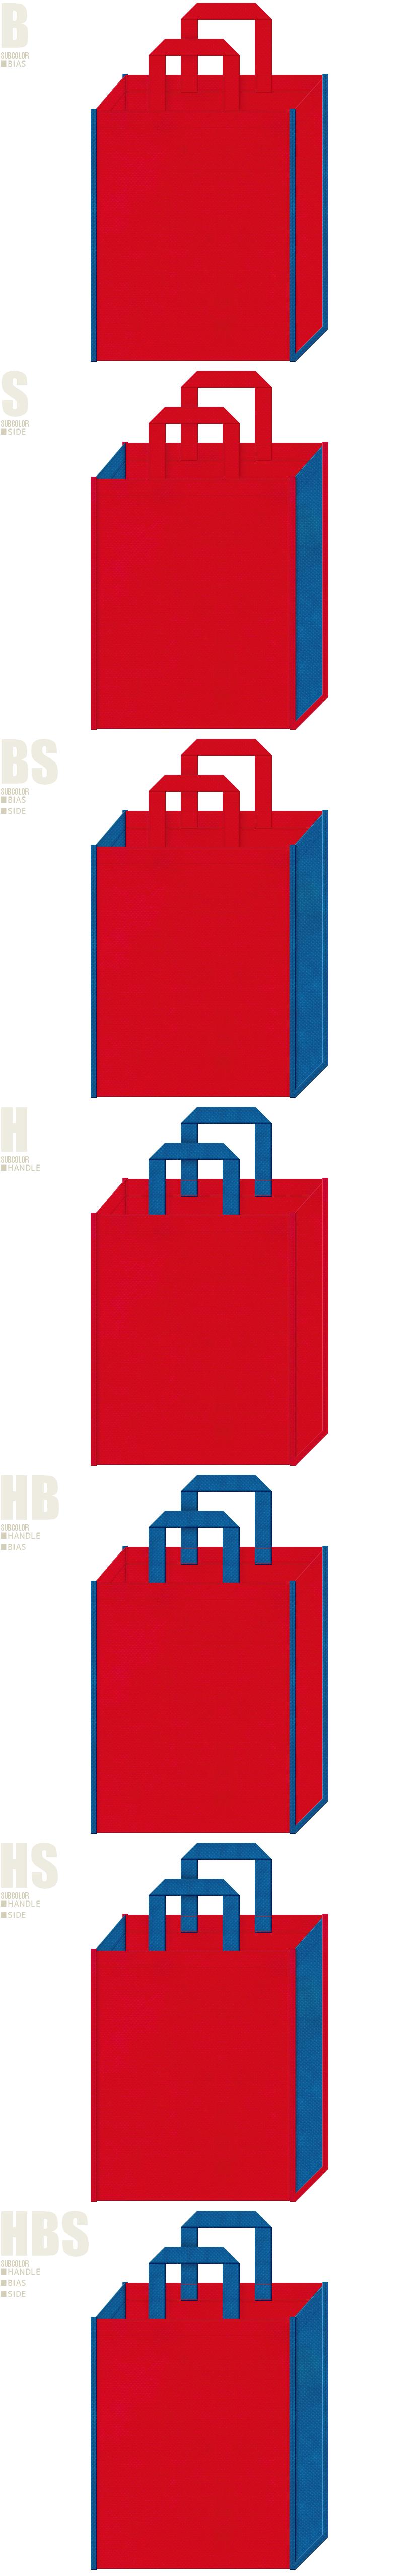 テーマパーク・おもちゃの展示会用バッグにお奨めの不織布バッグデザイン:紅色と青色の配色7パターン